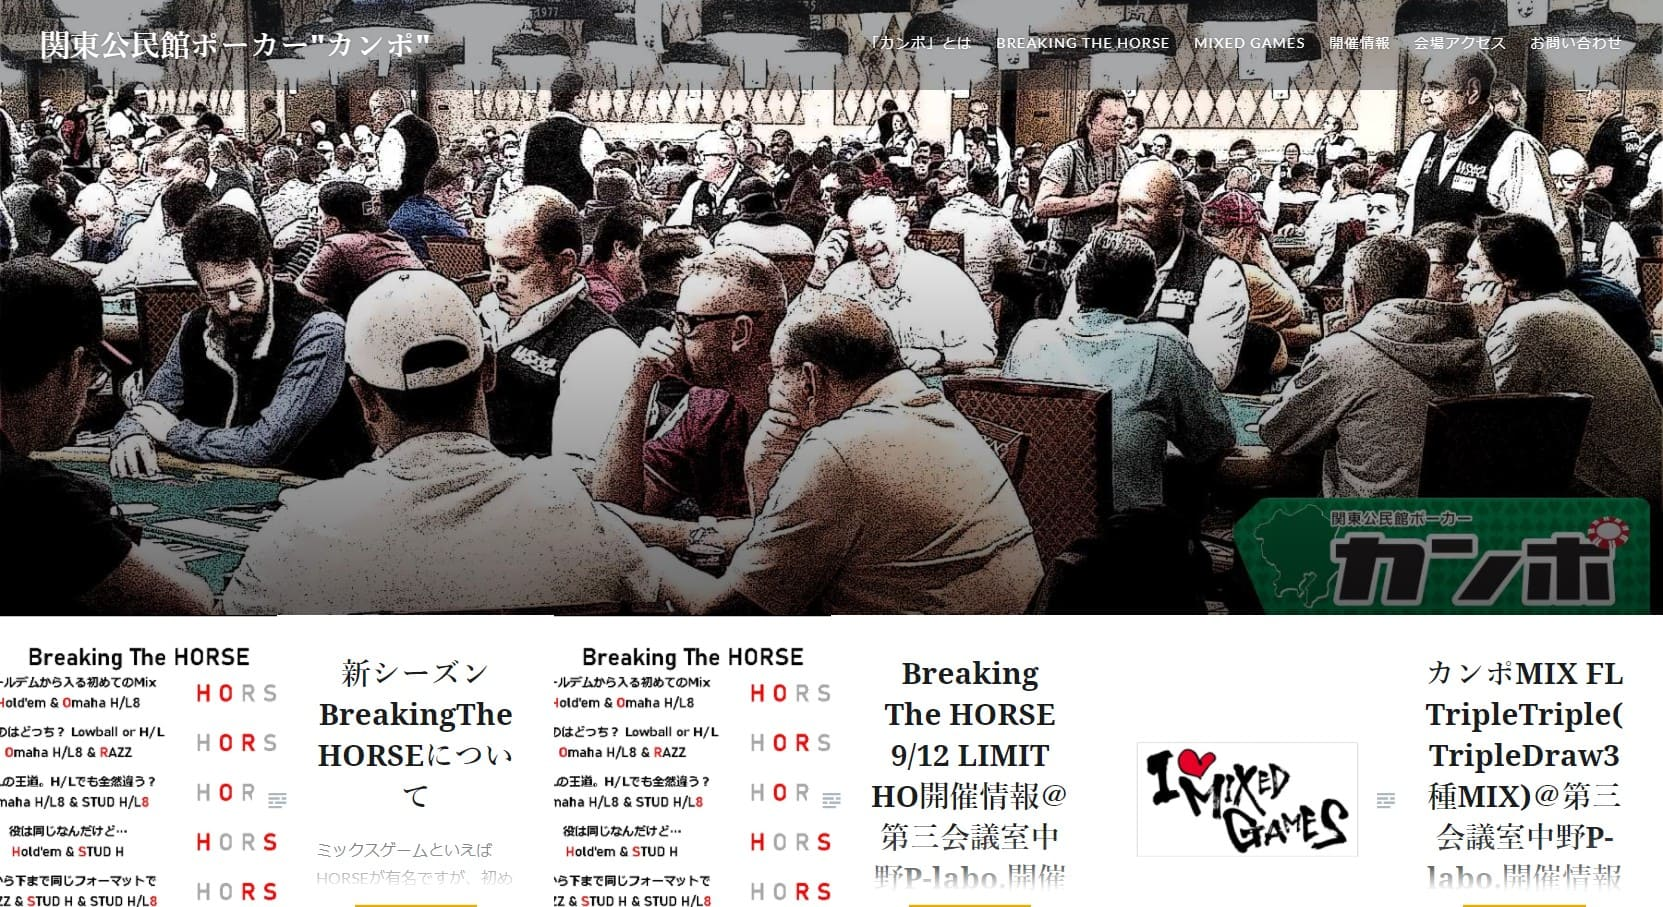 """関東公民館ポーカー""""カンポ""""のウェブサイト画像。"""